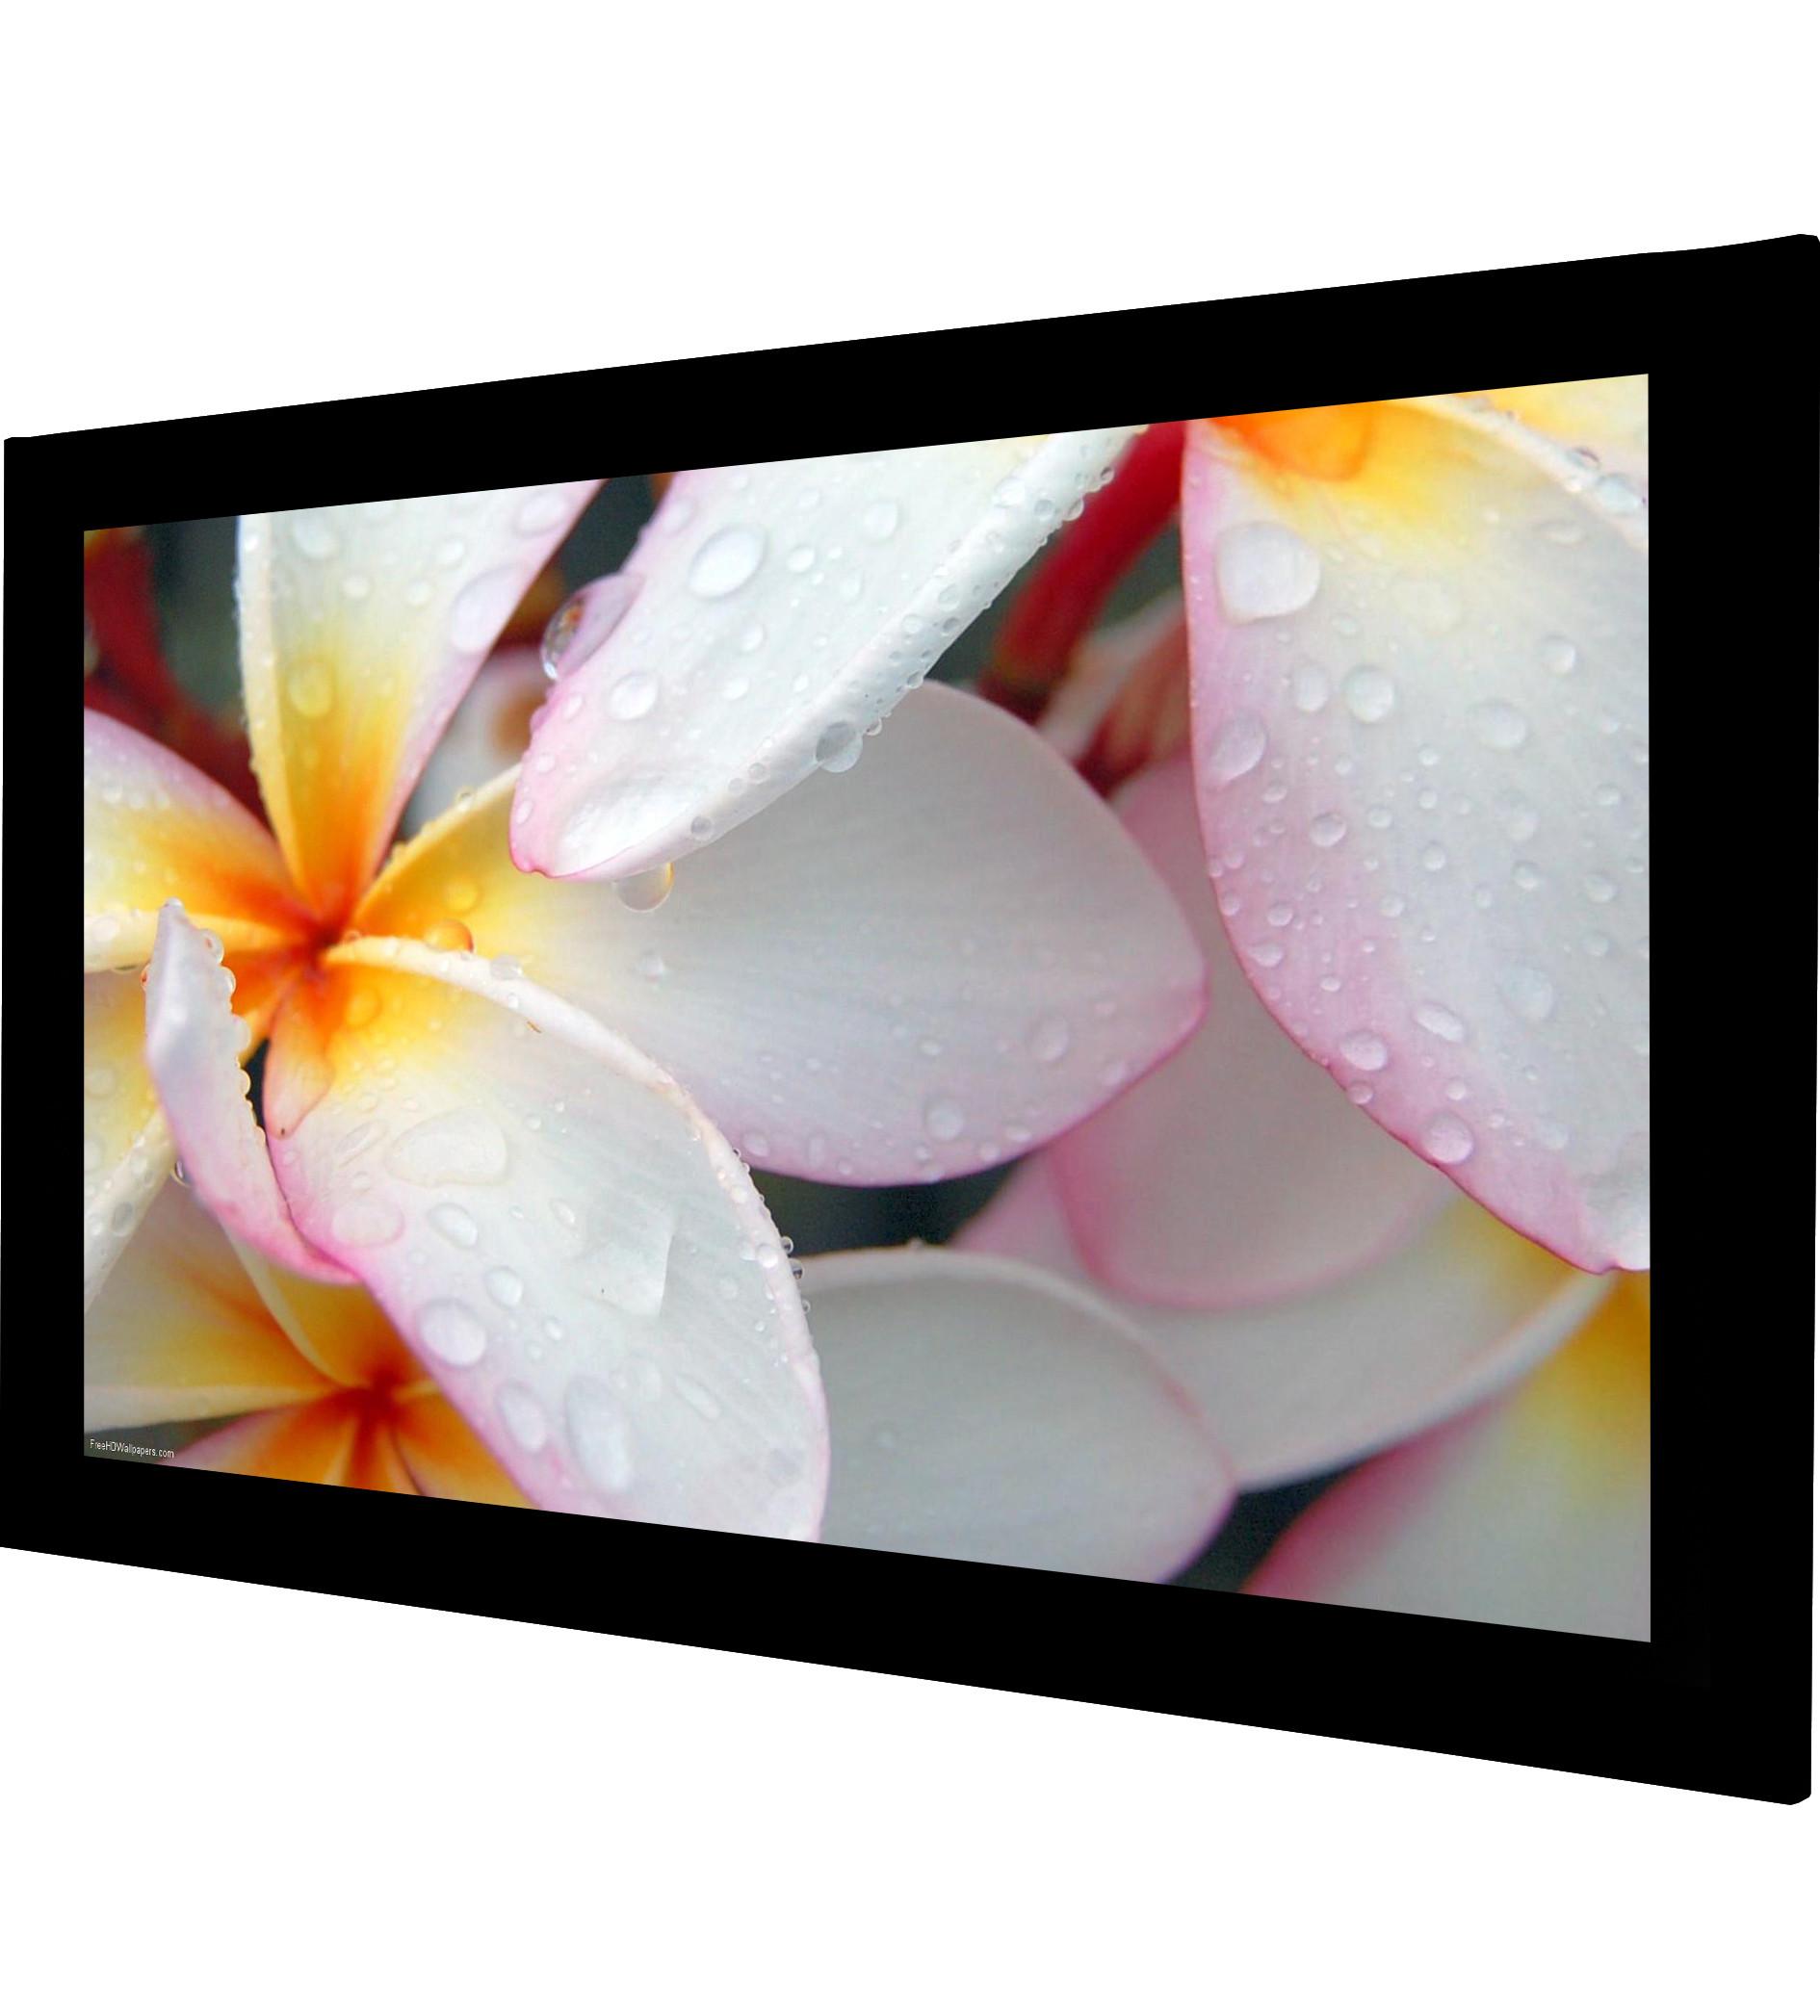 Frame Vision 275 x 172 cm FullHD Flex White filmdug og sort Veltex ramme